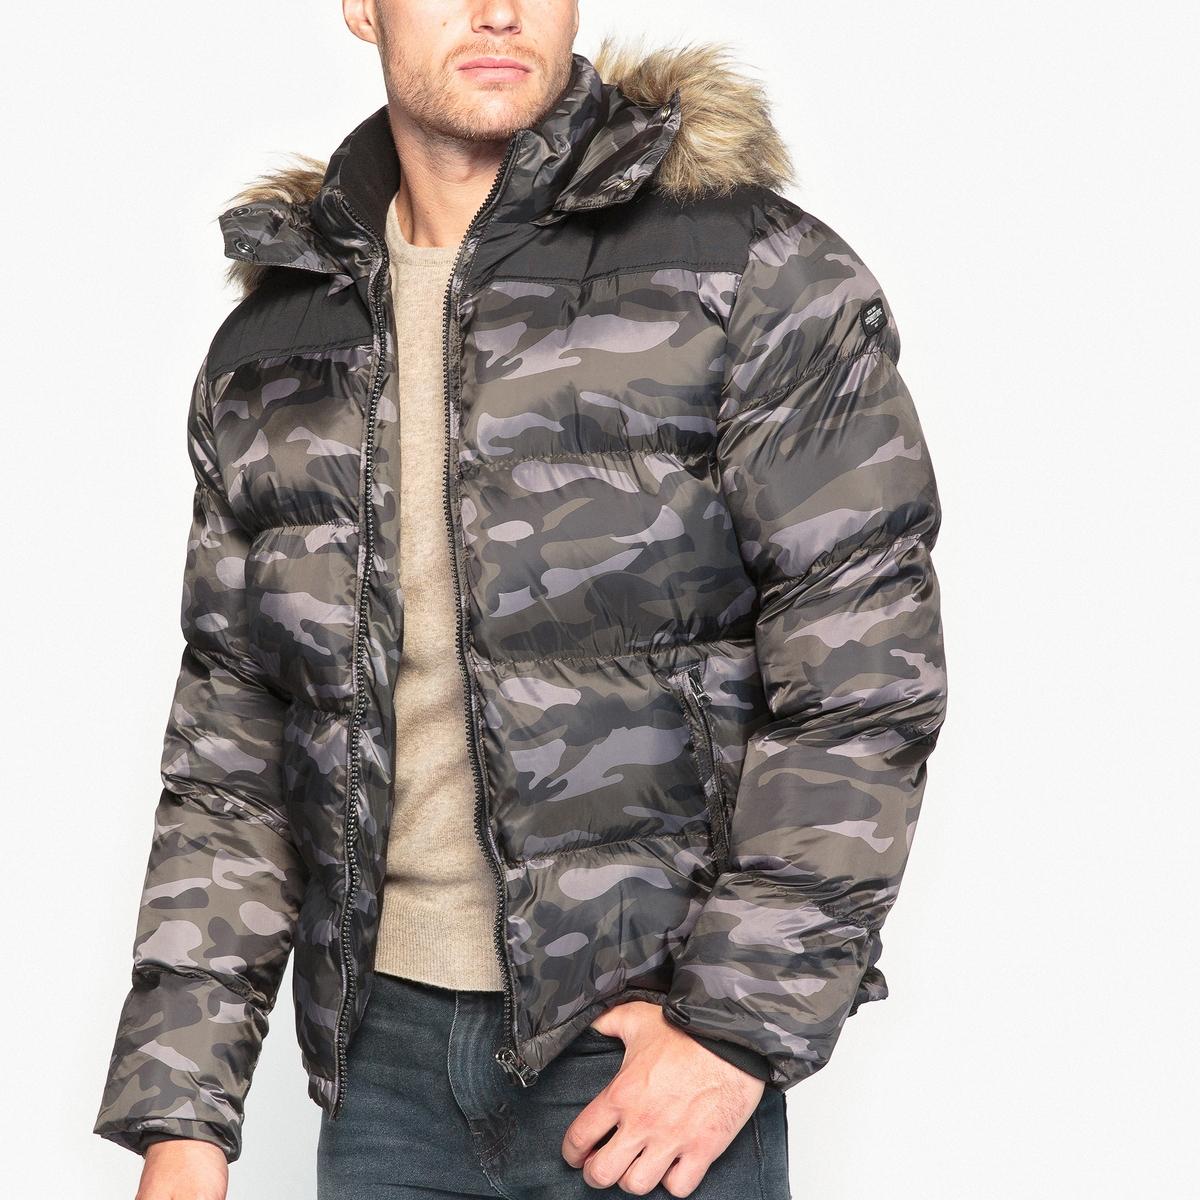 Куртка средней длины с капюшономОписание:Детали  •  Длина  : средняя  •  Капюшон  •  Застежка на молнию  •  С капюшоном Состав и уход  •  100% полиамид  •  Следуйте советам по уходу, указанным на этикетке<br><br>Цвет: камуфляж<br>Размер: L.M